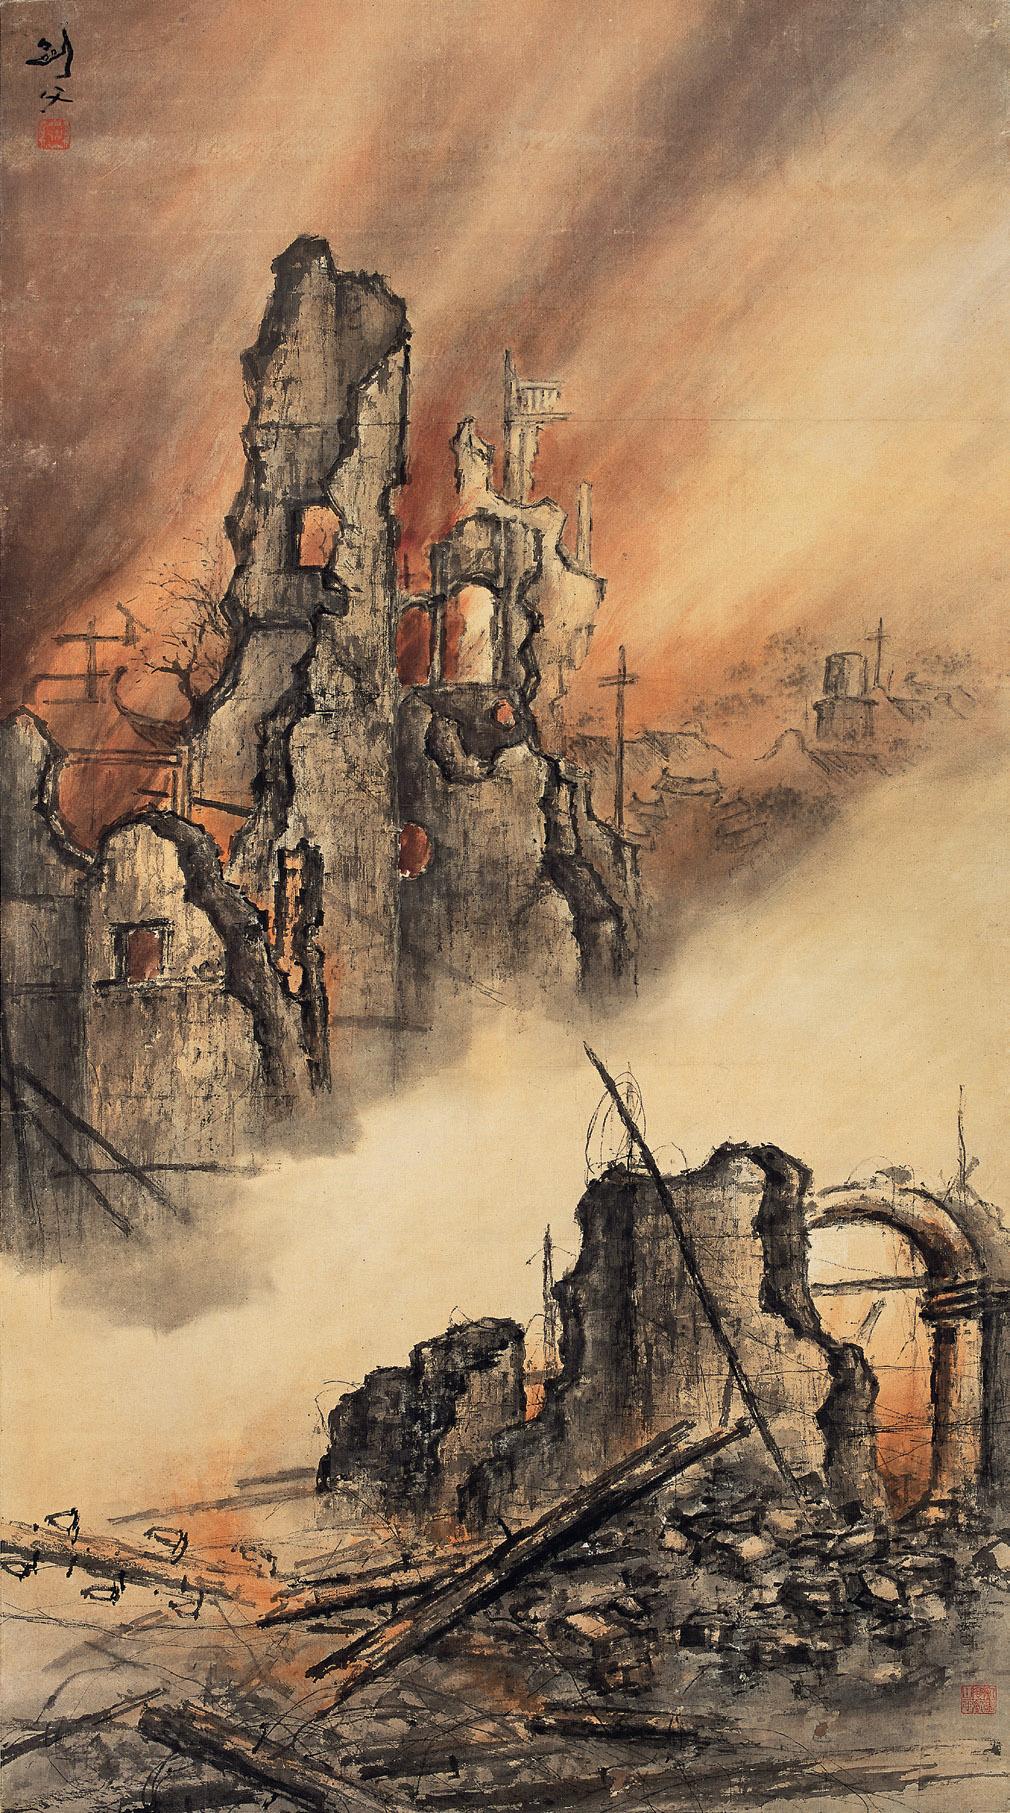 高剑父《东战场的烈焰》中国画 166×92cm 1932年 广州艺术博物院藏